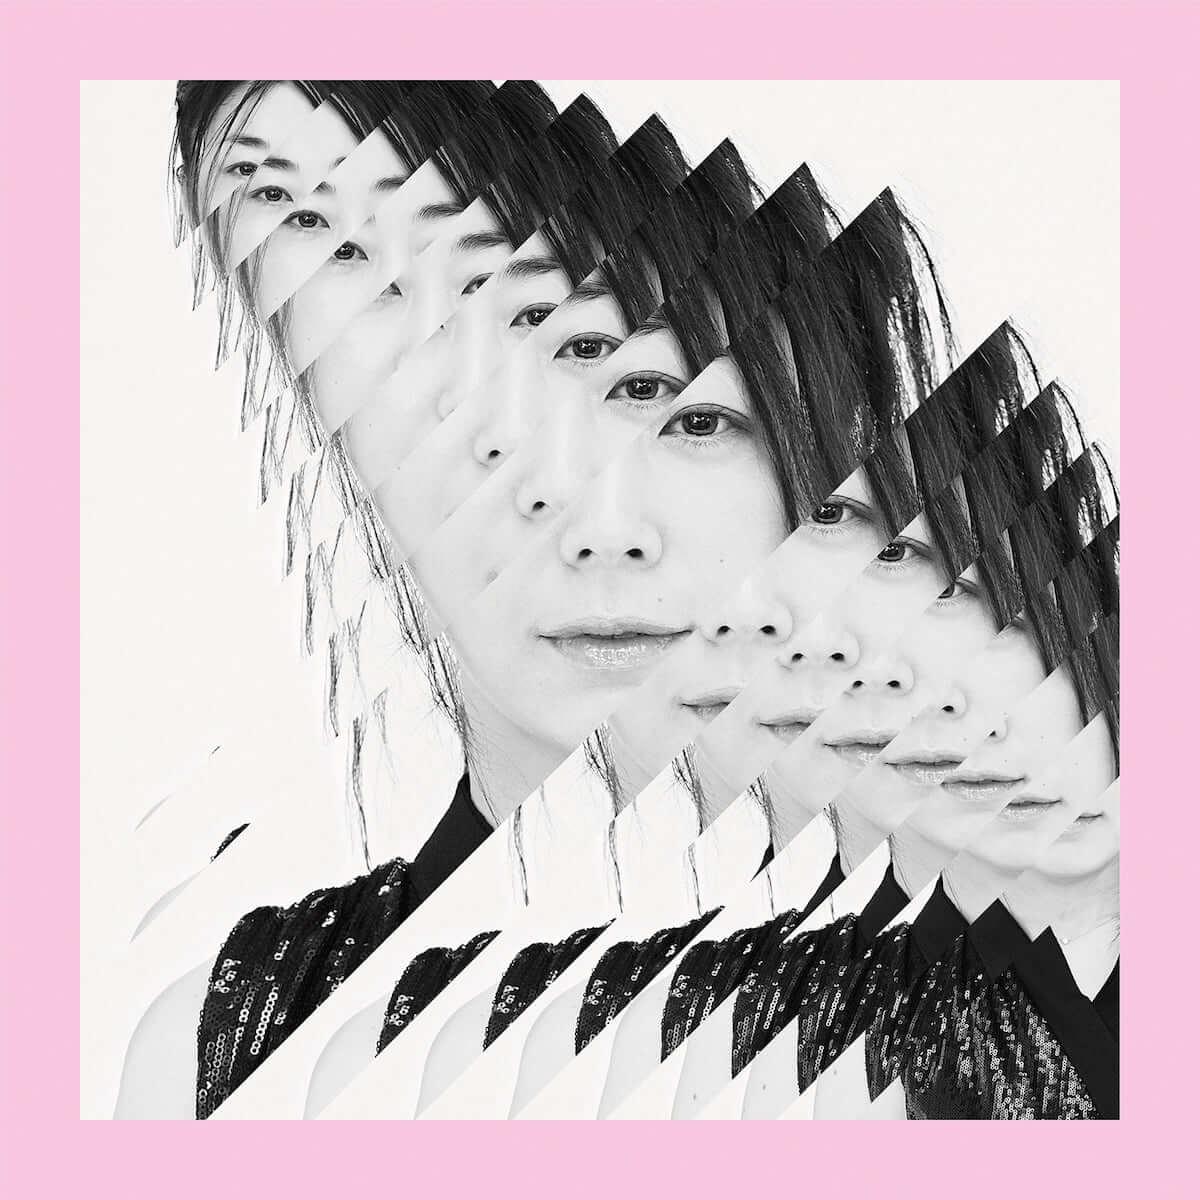 冨田恵一プロデュース!デビュー20周年を飾るbirdのニューアルバム『波形』リリースライブ決定 アルバムジャケットも初公開 music190213-bird-2-1200x1200